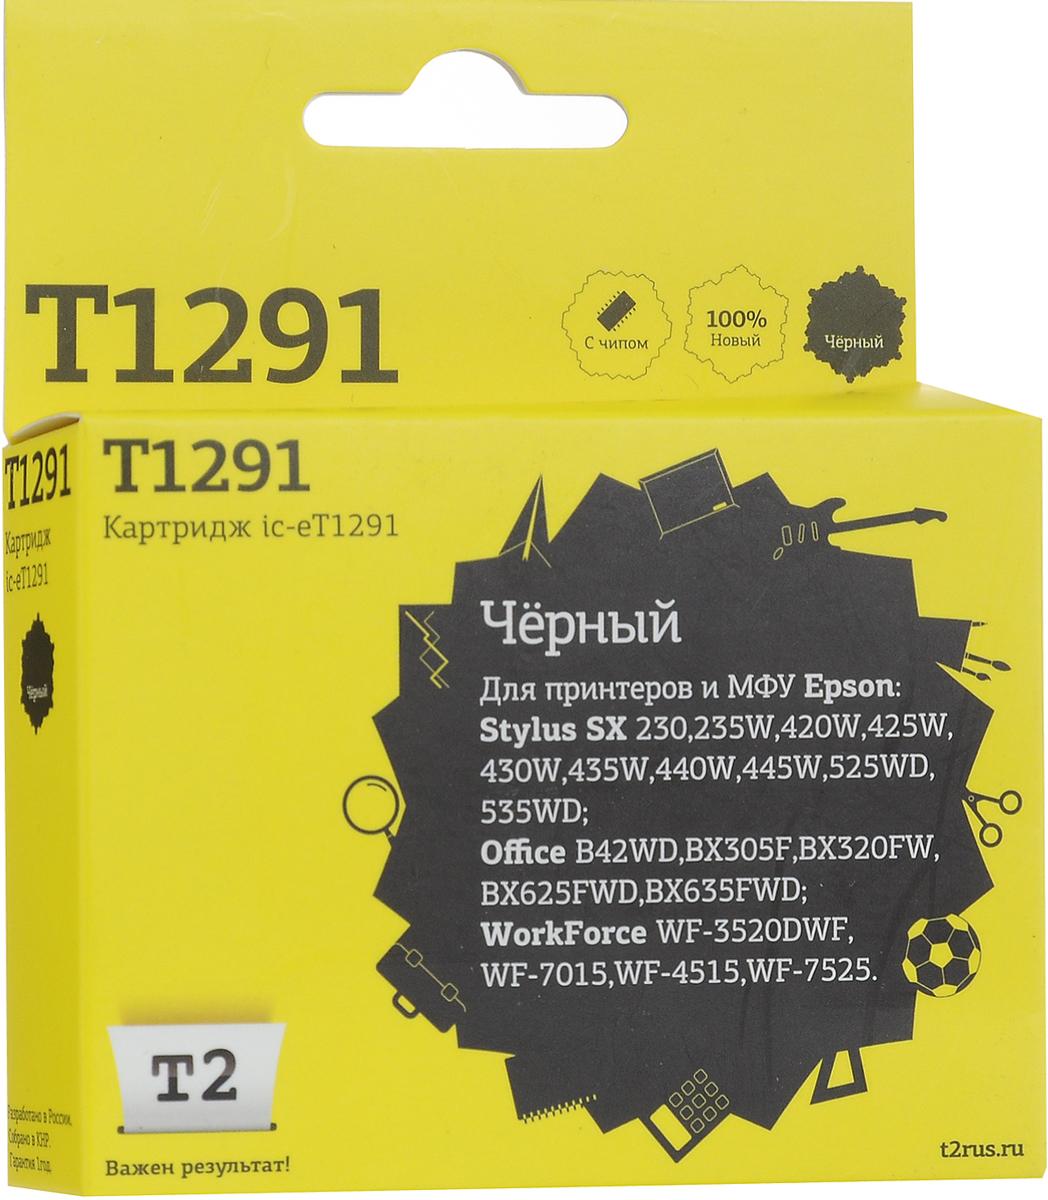 T2 IC-ET1291 (аналог T12914010), Black картридж для Epson Stylus SX420W/SX525WD/Office B42WD/BX305F/WF7015IC-ET1291Картридж Т2 IC-ET1291 (аналог T12914010) собран из дорогих японских комплектующих, протестирован по стандартам STMC и ISO. Специалисты завода следят за всеми аспектами сборки, вплоть до крутящего момента при закручивании винтов. С каждого картриджа на заводе делаются тестовые отпечатки.Каждая модель проходит умопомрачительно тщательную проверку на градиенты, фантомные изображения, ровность заливки и общее качество картинки.Уважаемые клиенты! Обращаем ваше внимание на то, что упаковка может иметь несколько видов дизайна. Поставка осуществляется в зависимости от наличия на складе.